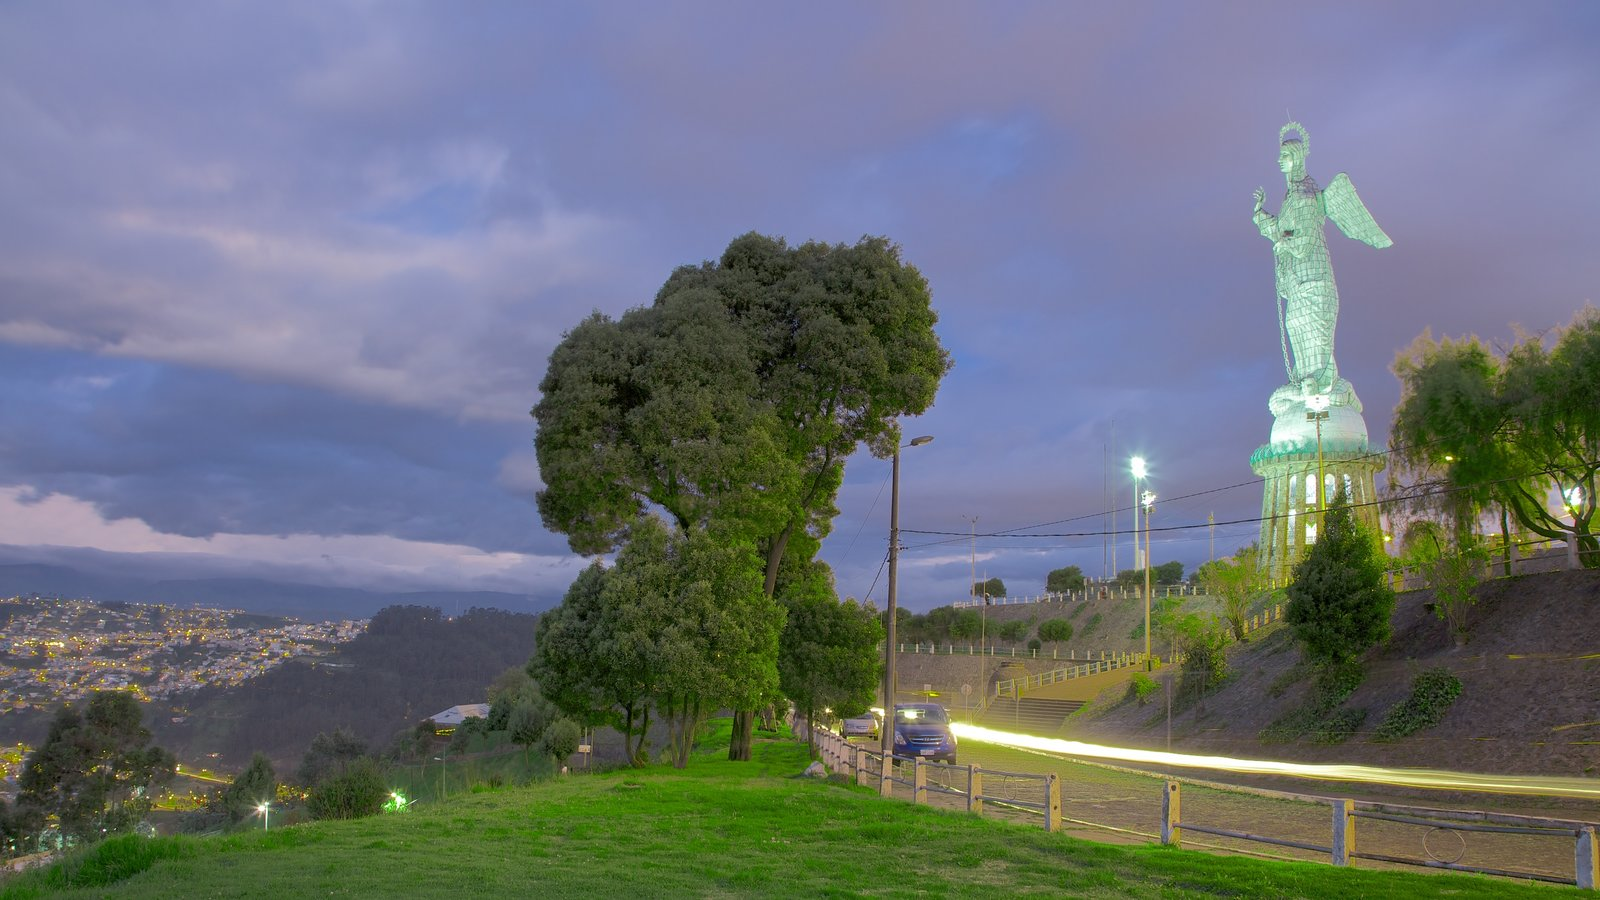 El Panecillo mostrando uma estátua ou escultura e cenas noturnas